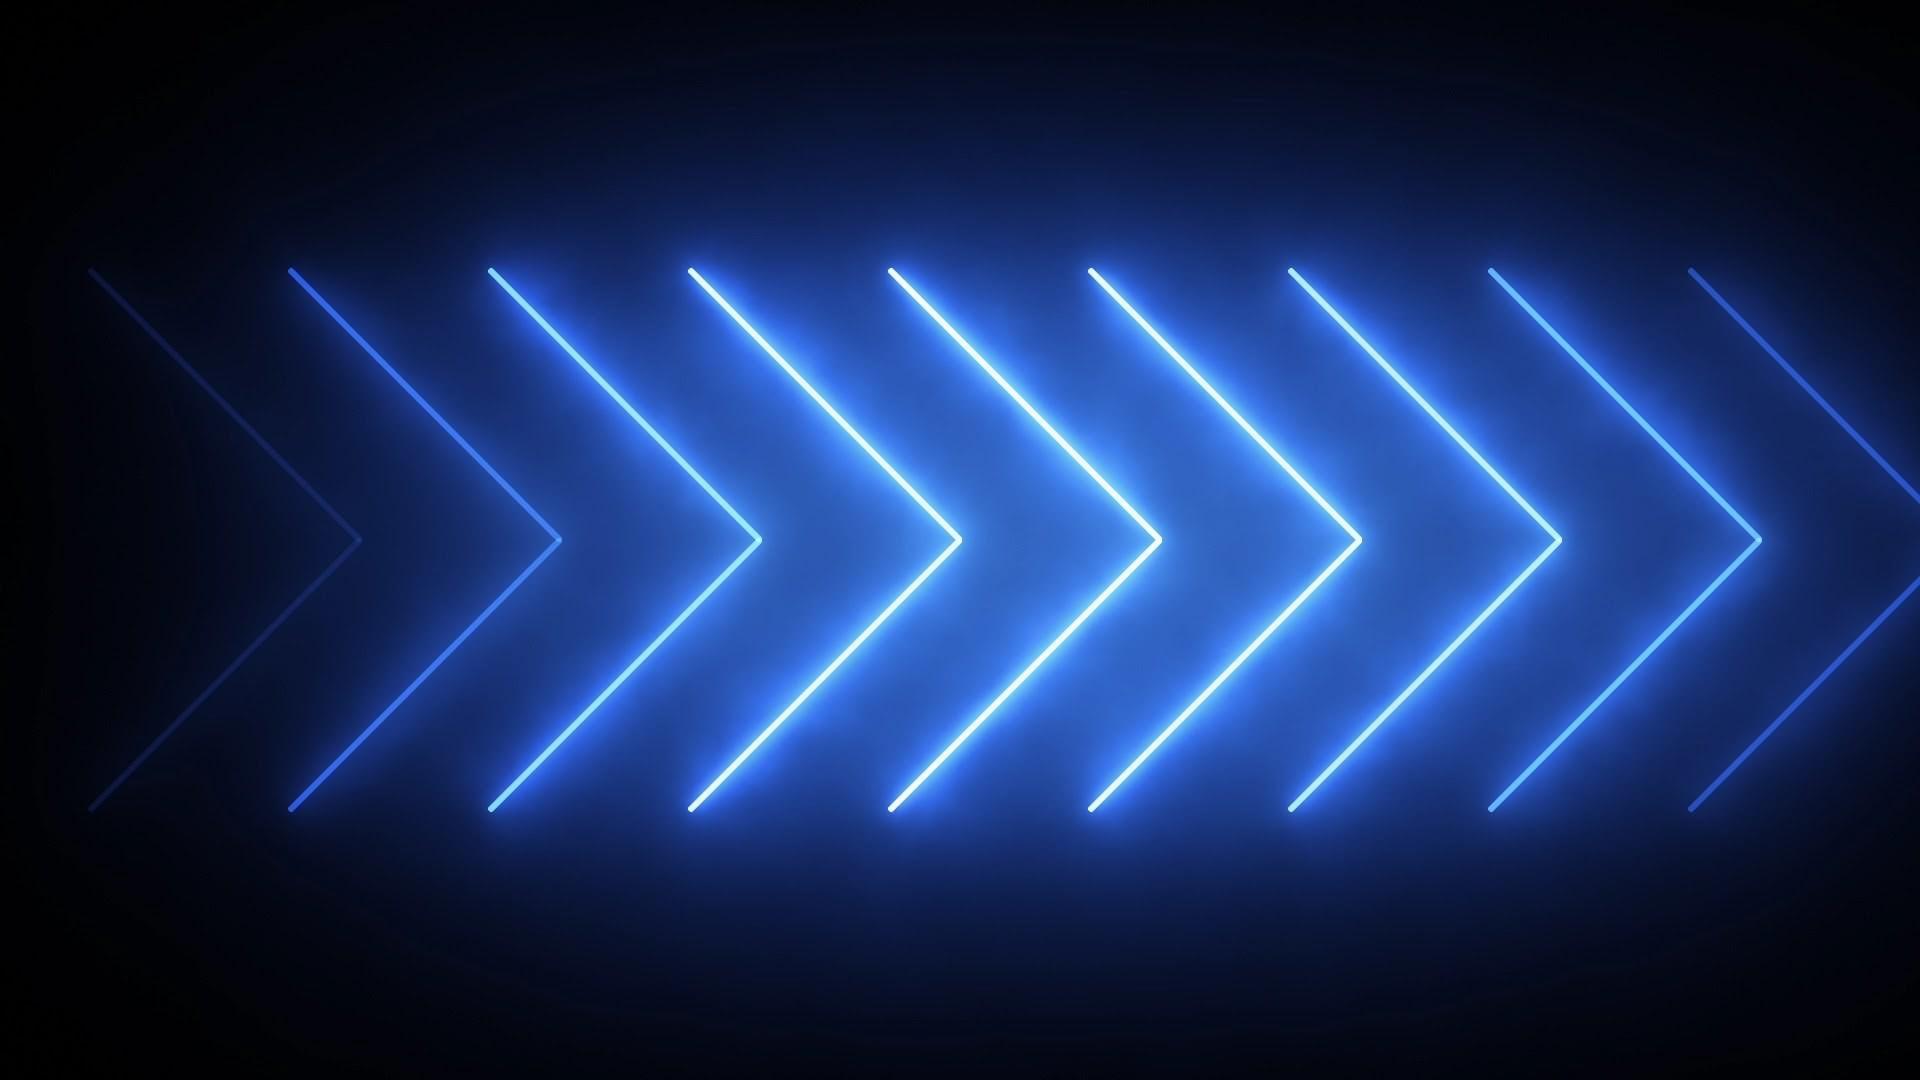 Neon Blue Designer Aesthetic Wallpaper